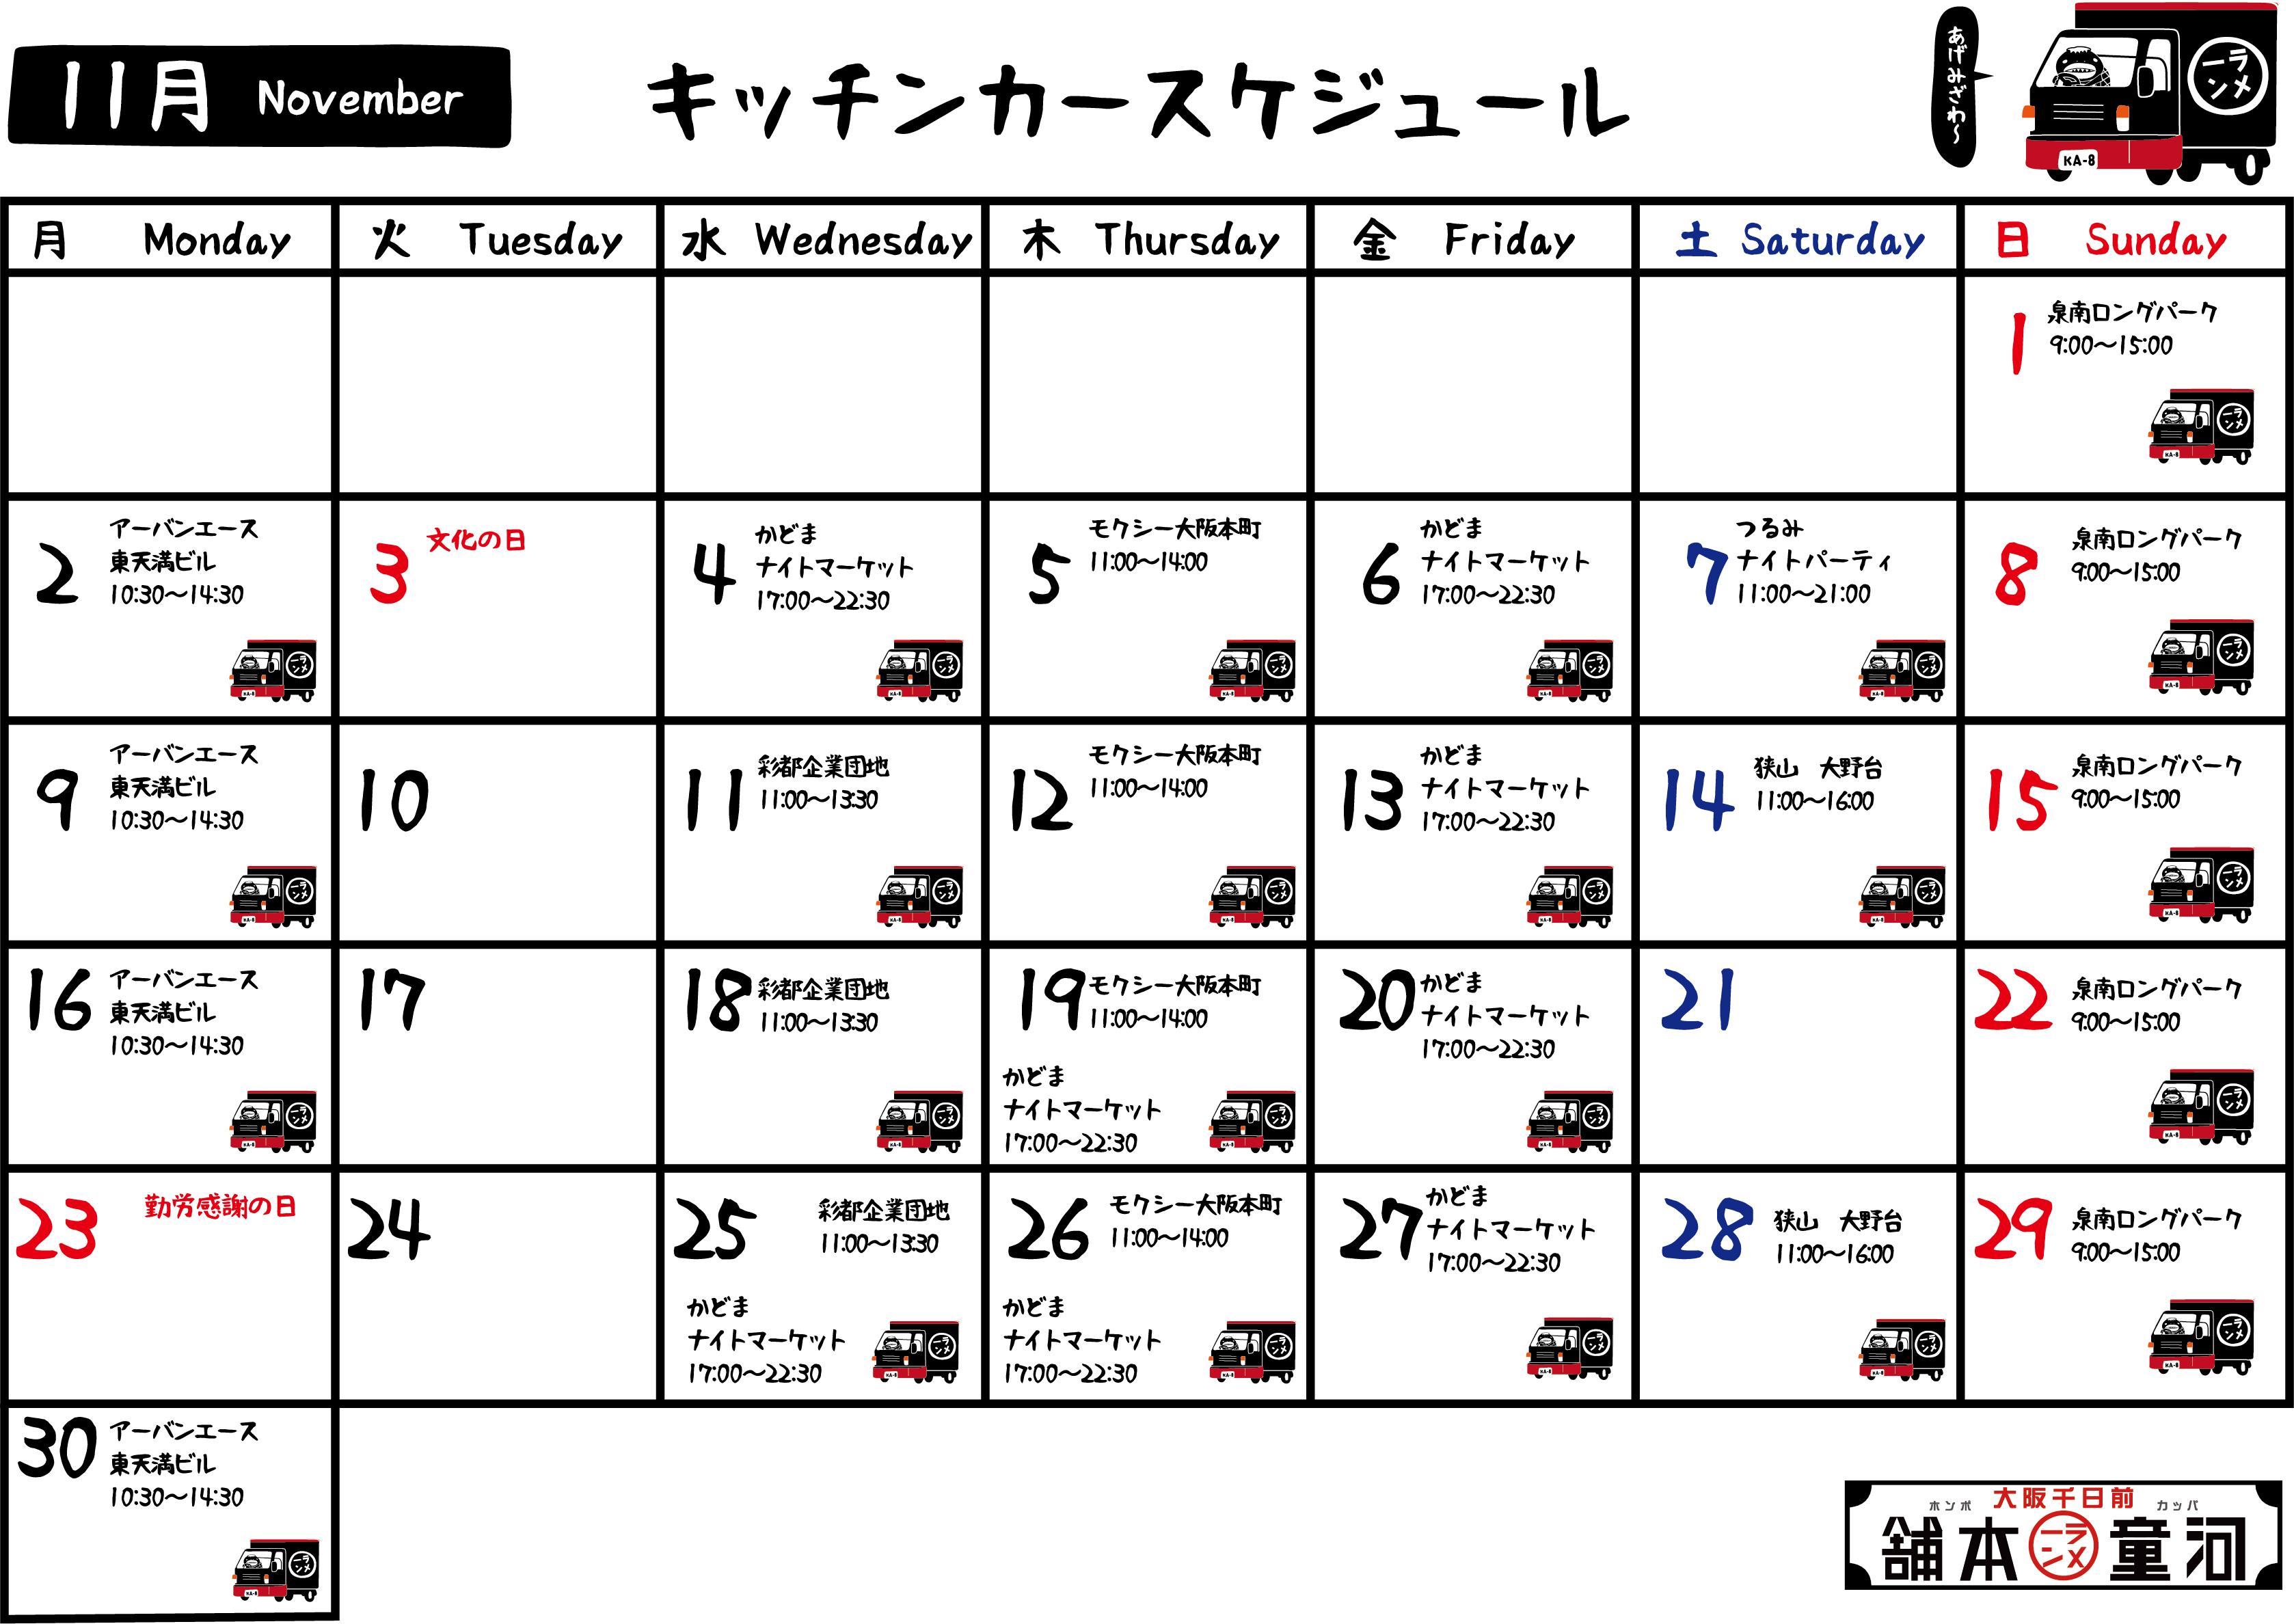 【2020年11月度】河童ラーメン号<キッチンカー>スケジュールの画像